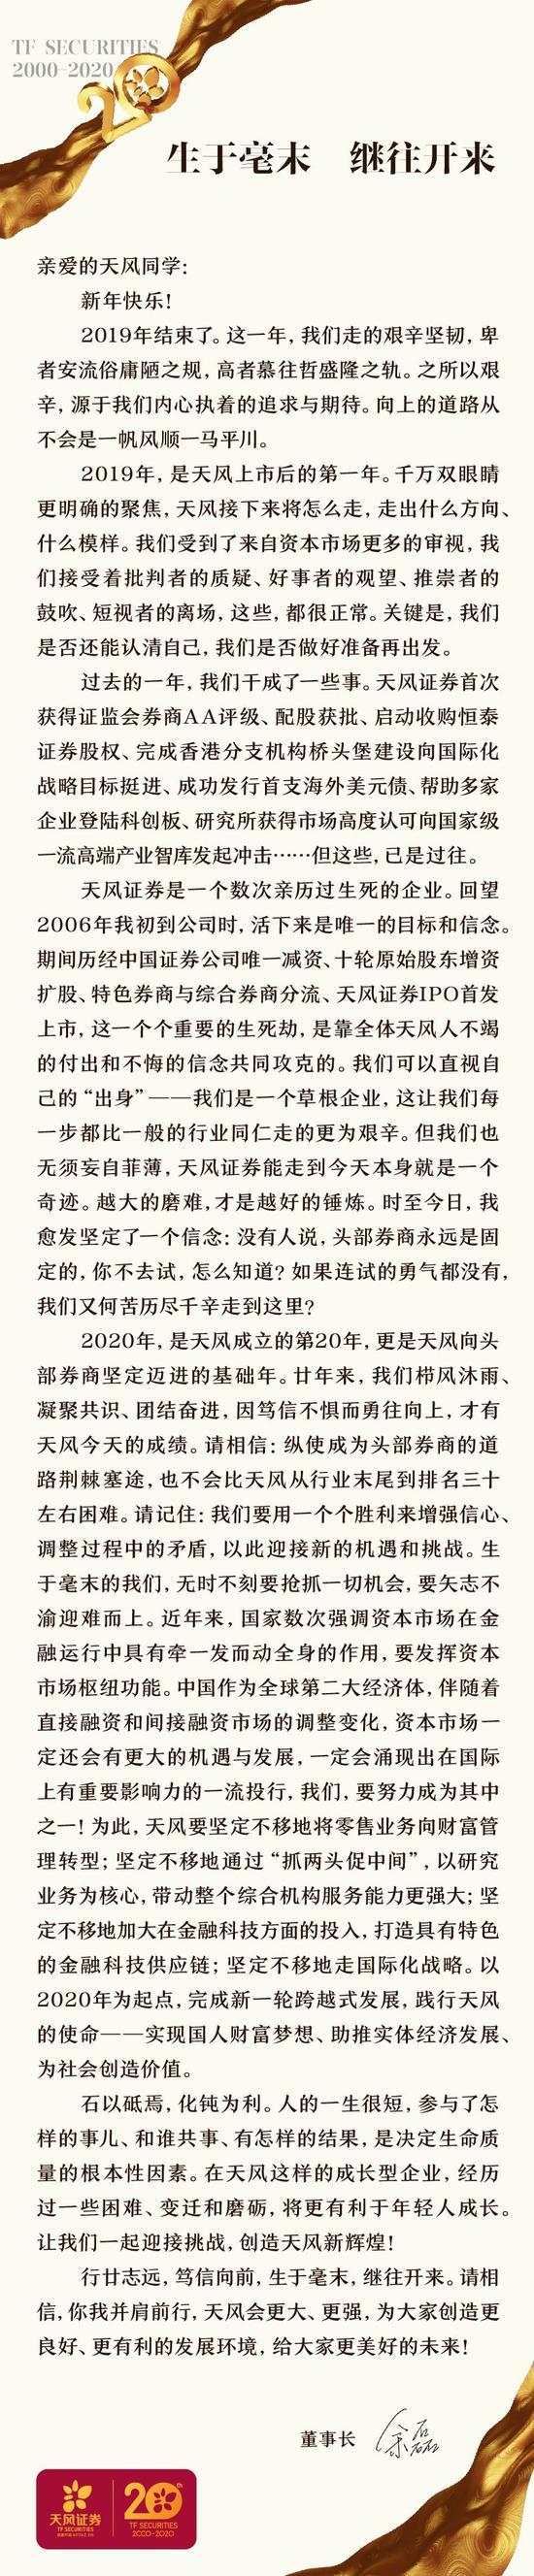 加码开拓中国市场这家巨头拟将在华员工人数翻倍